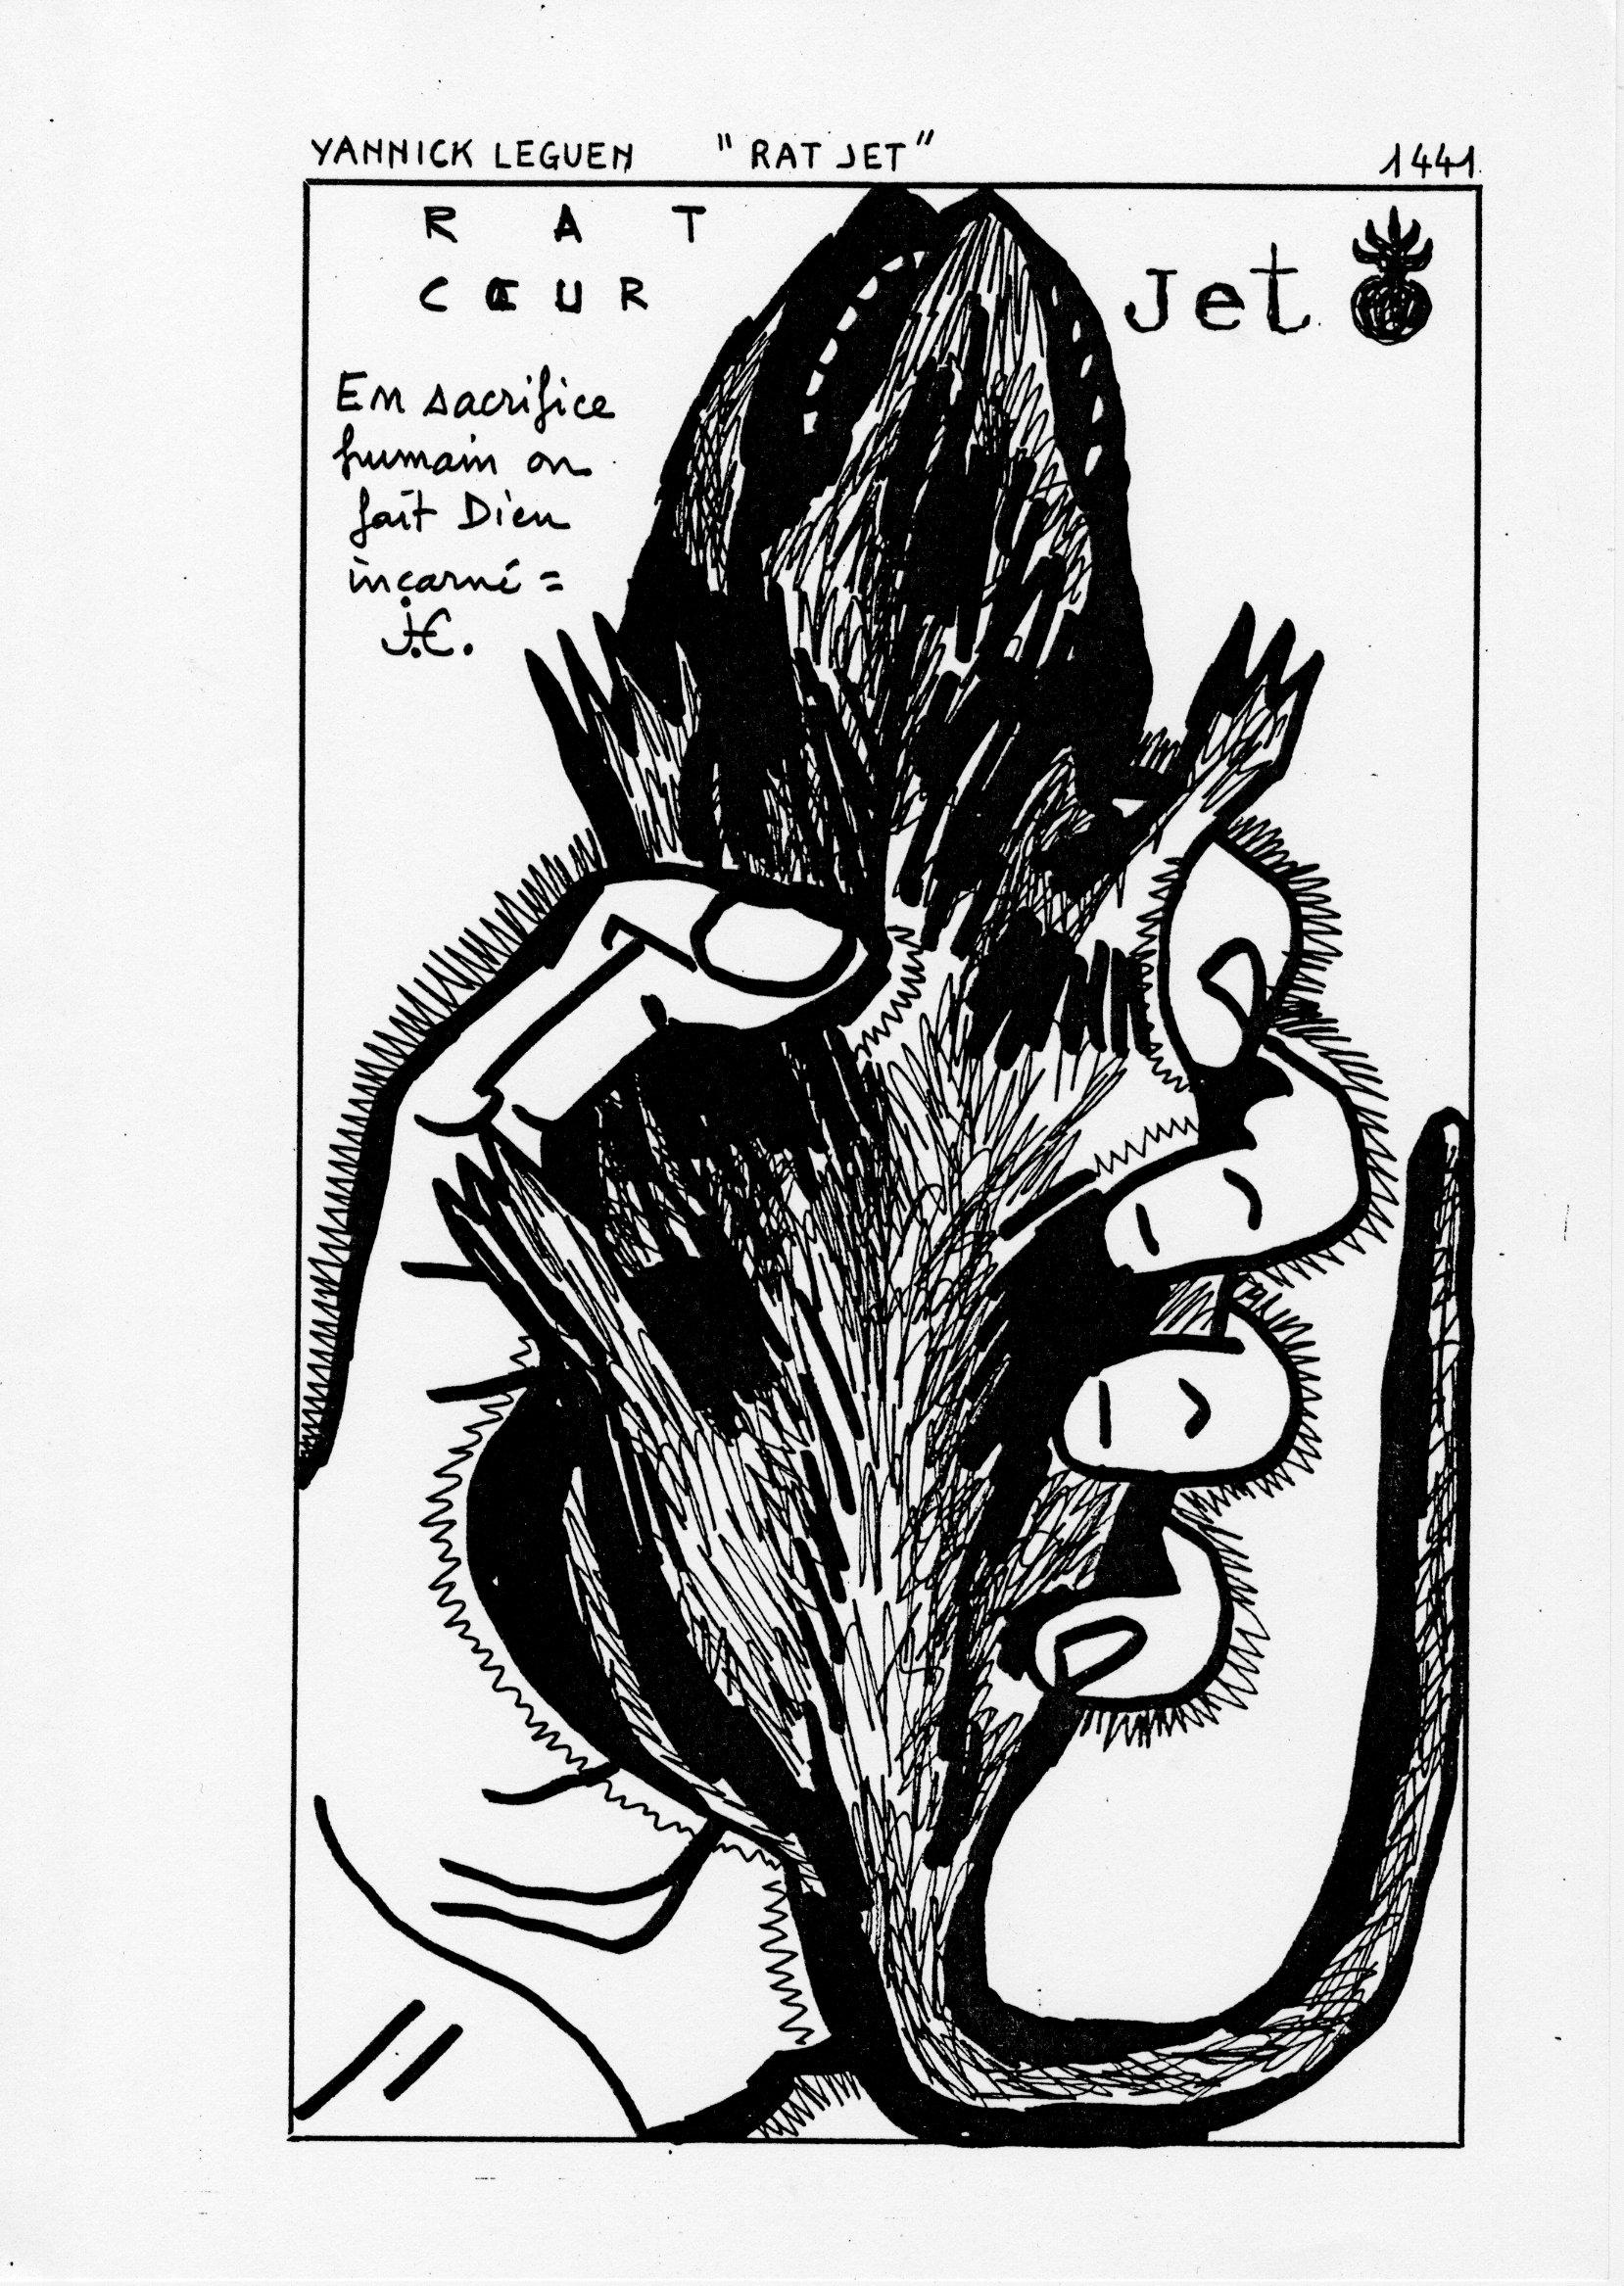 page 1441 Y. Leguen RAT JET